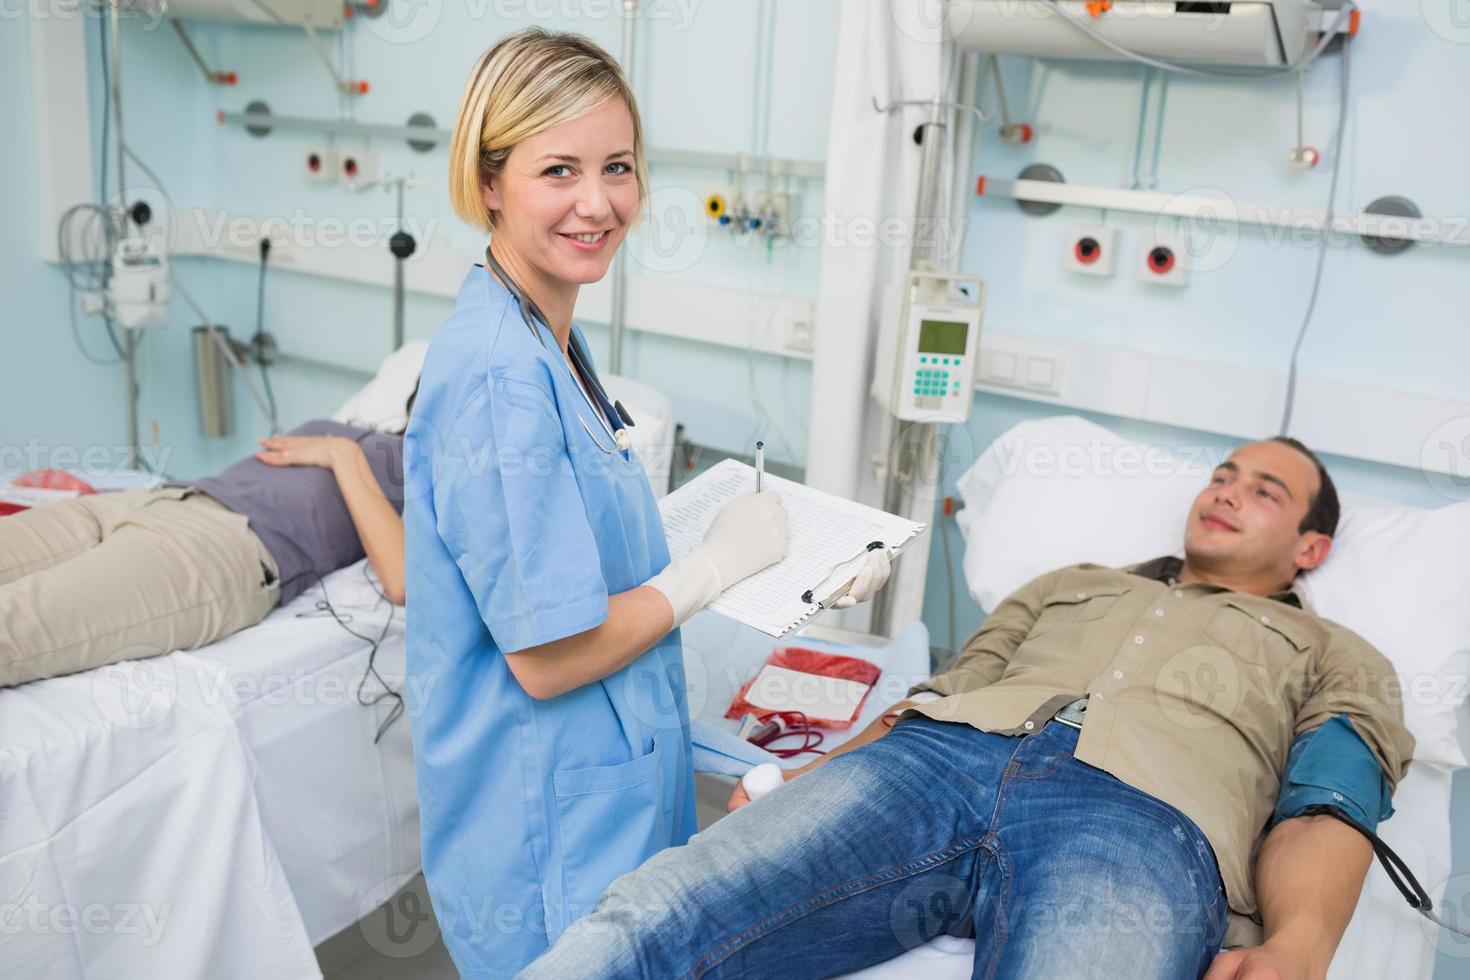 enfermeira olhando para a câmera ao lado de pacientes transfundidos foto